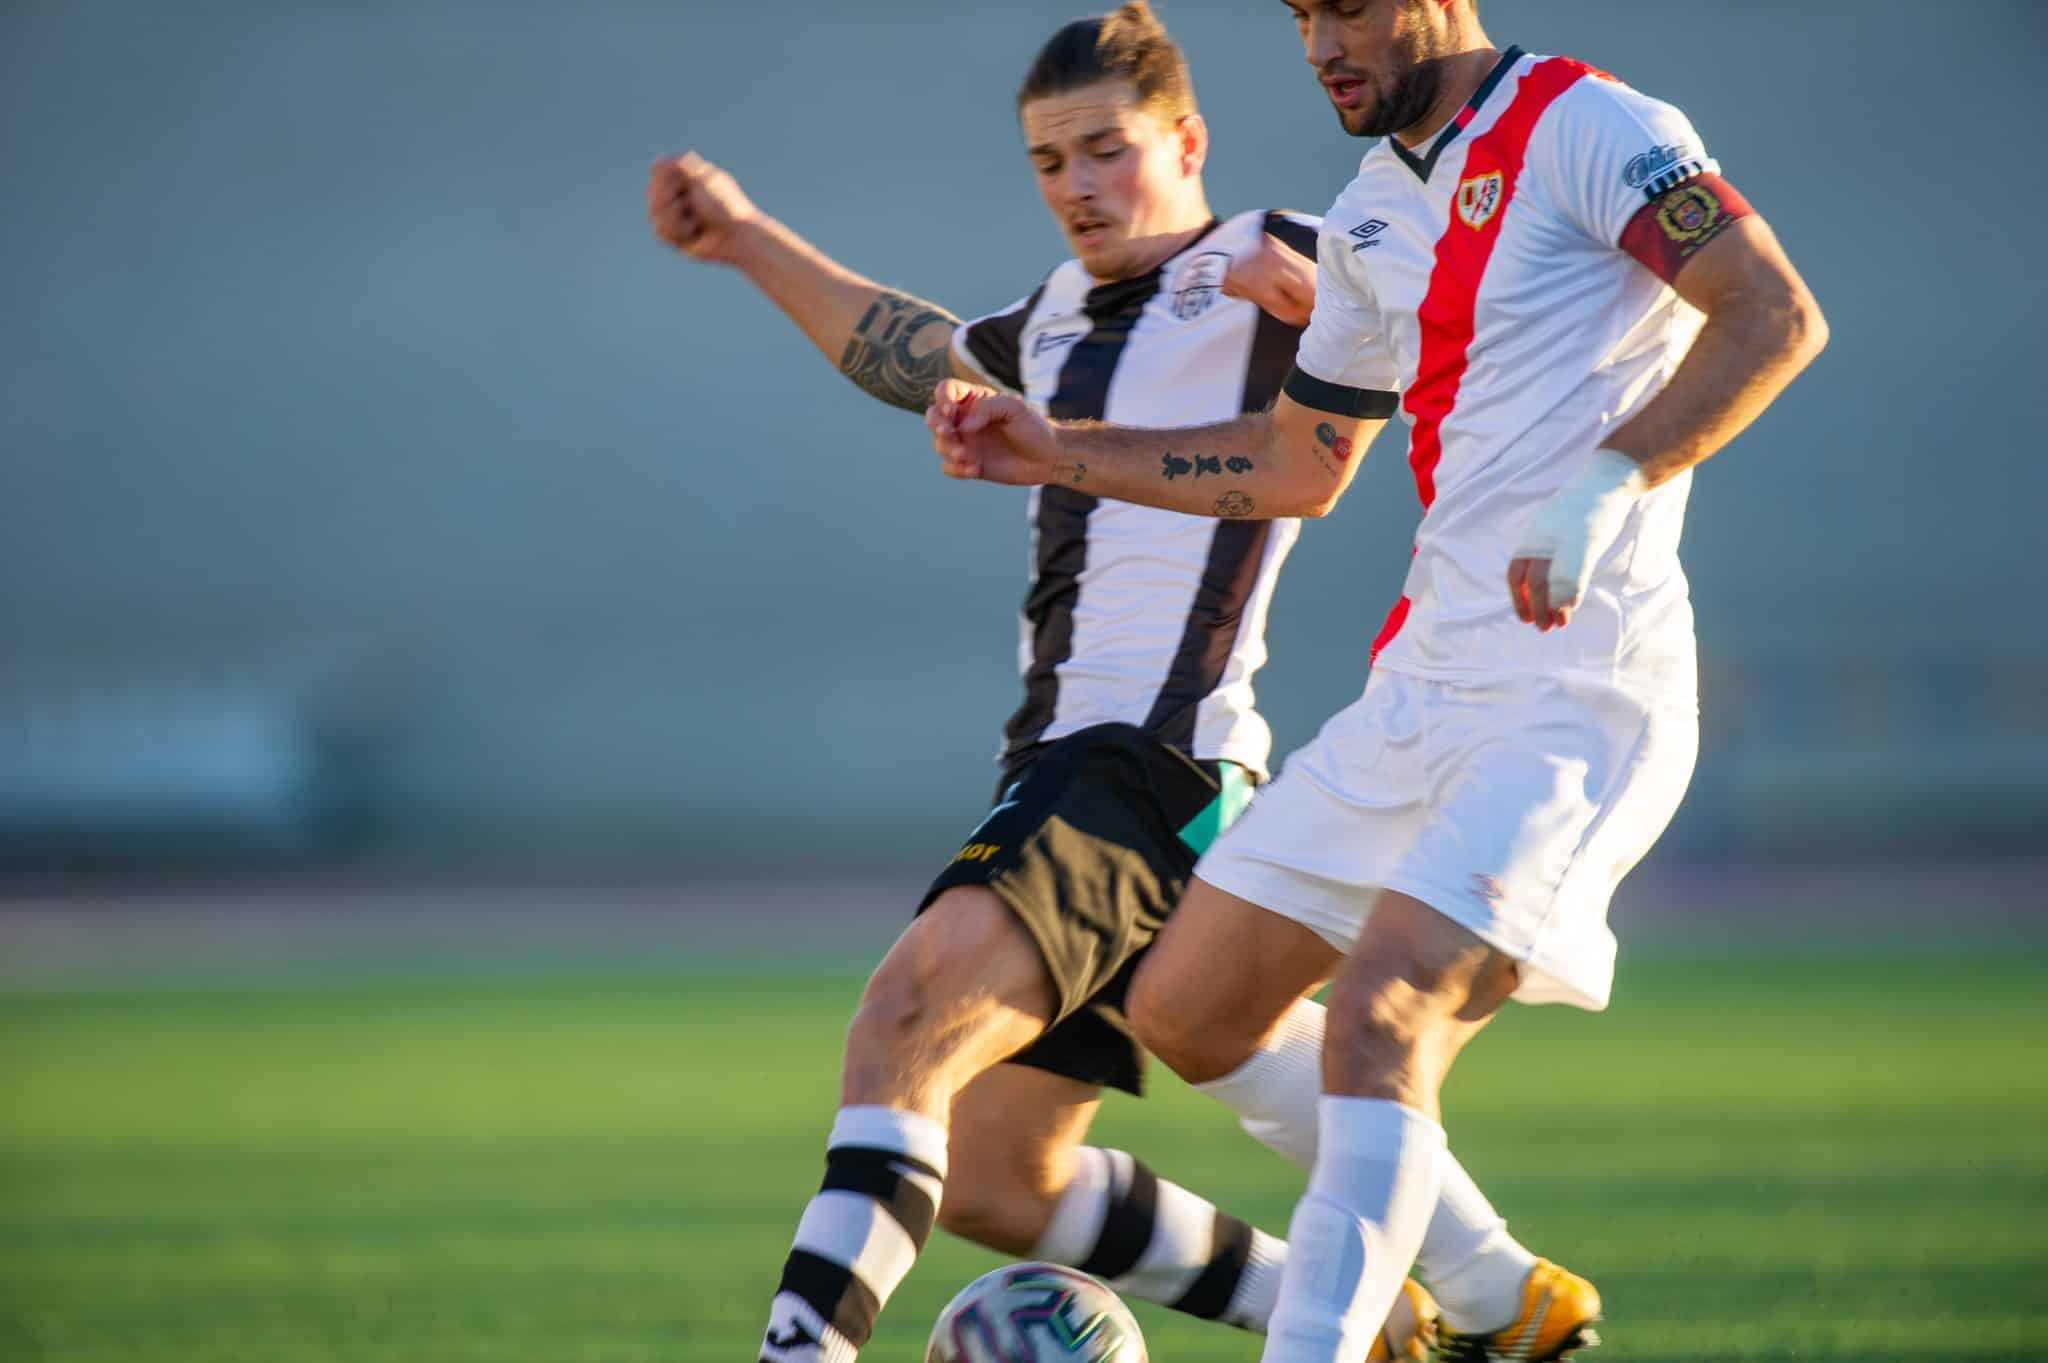 El Rayo apaga la ilusión del Haro en la Copa 11